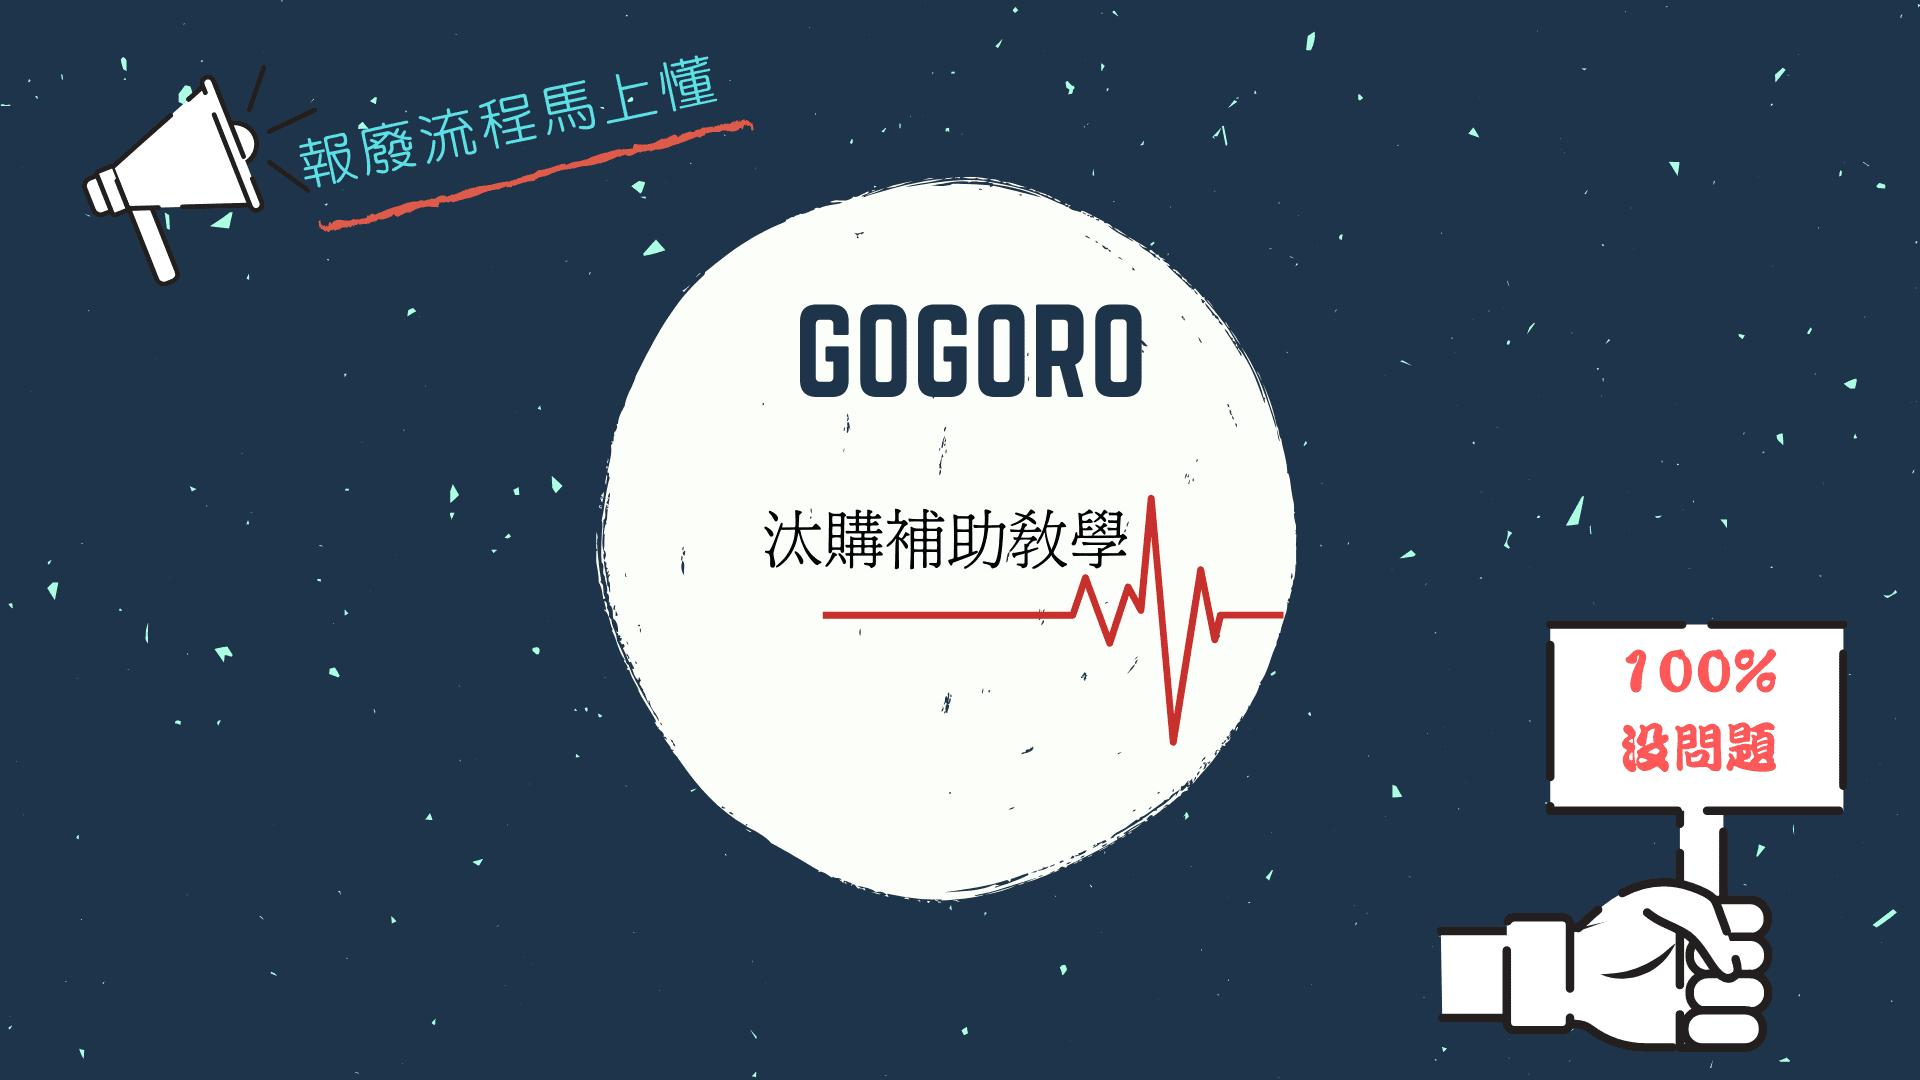 【Gogoro汰購補助流程】這樣報廢就不會拿不到電動車補助!